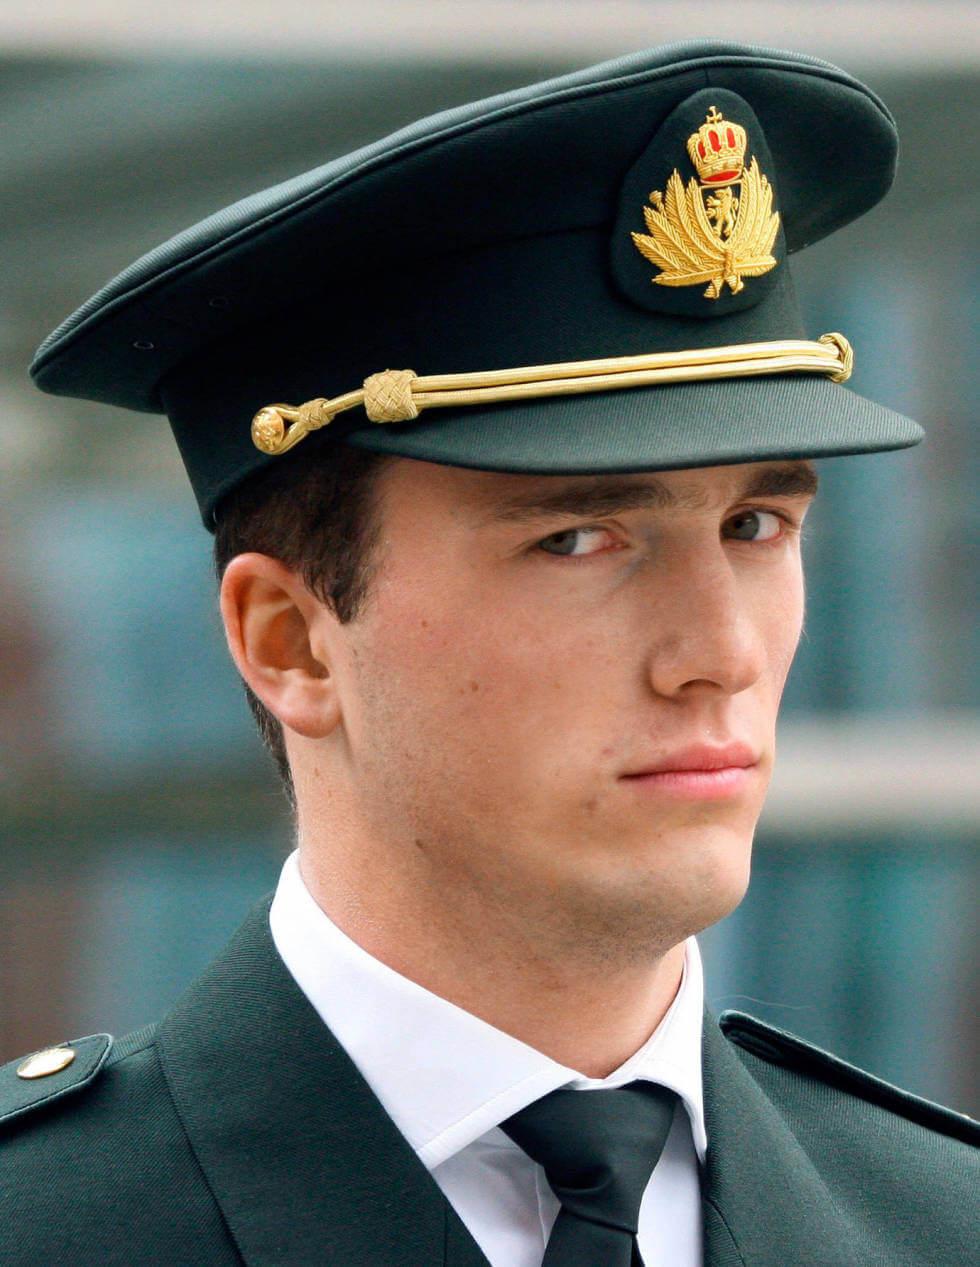 Principe Amedeo di Belgio